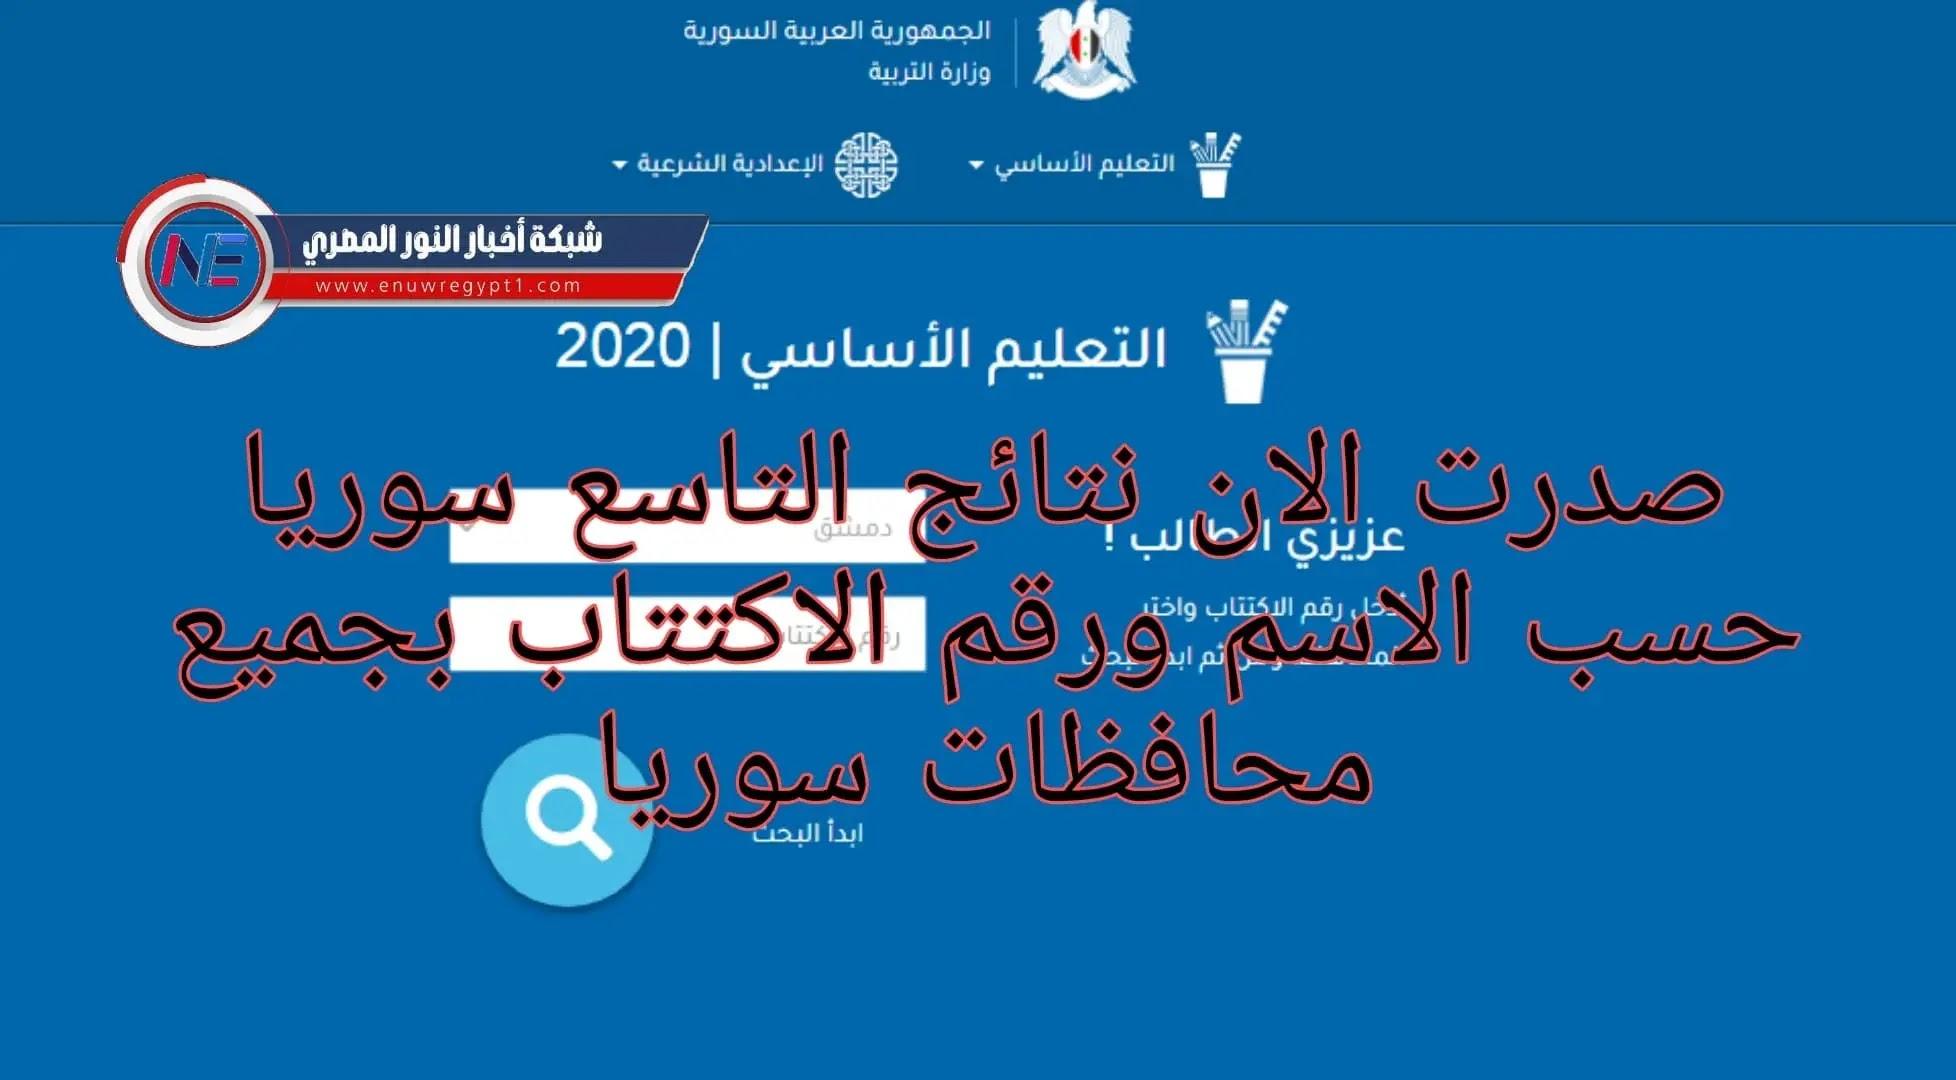 """""""moed.gov.sy"""" هنا رابط موقع وزارة التربية السورية الاستعلام عن نتائج التاسع سوريا 2021 حسب الاسم و برقم الاكتتاب"""